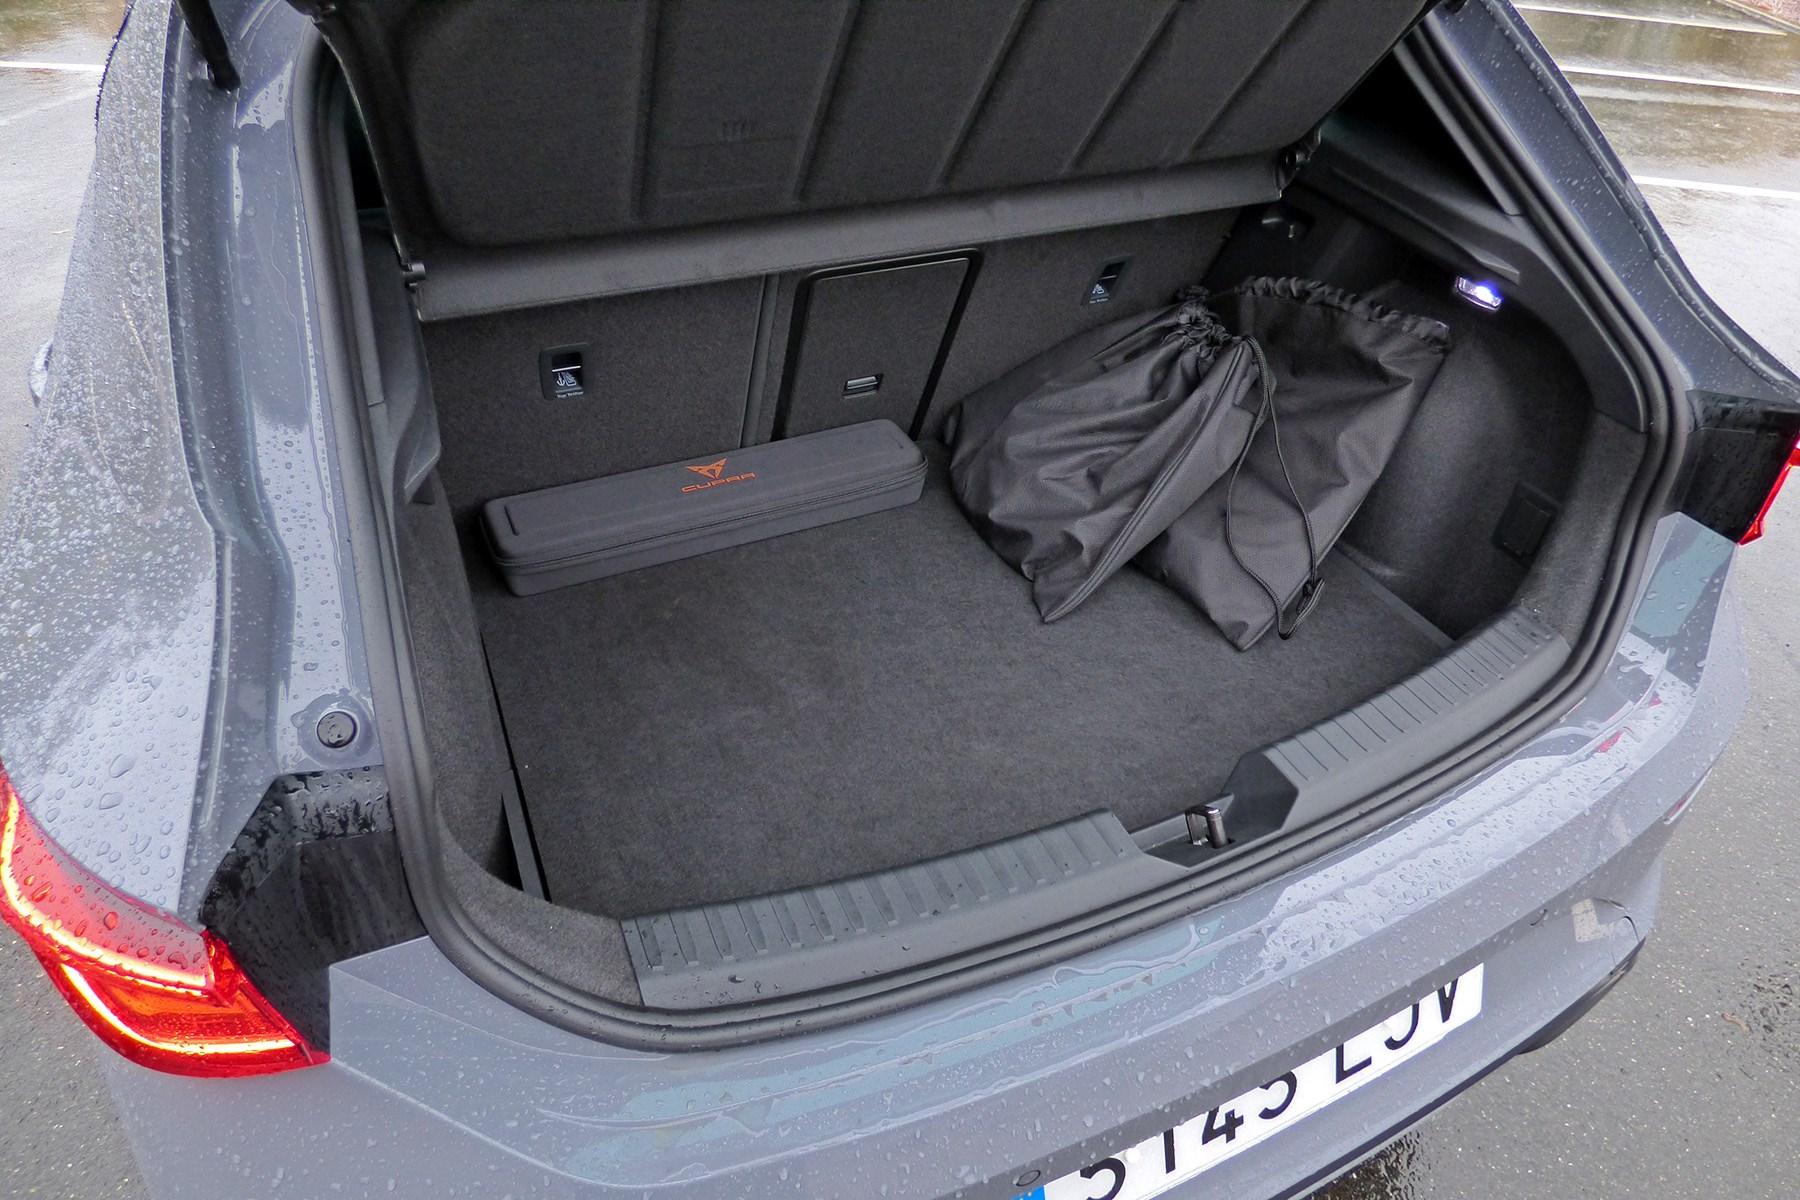 Cupra Leon e-hybrid (2020) boot